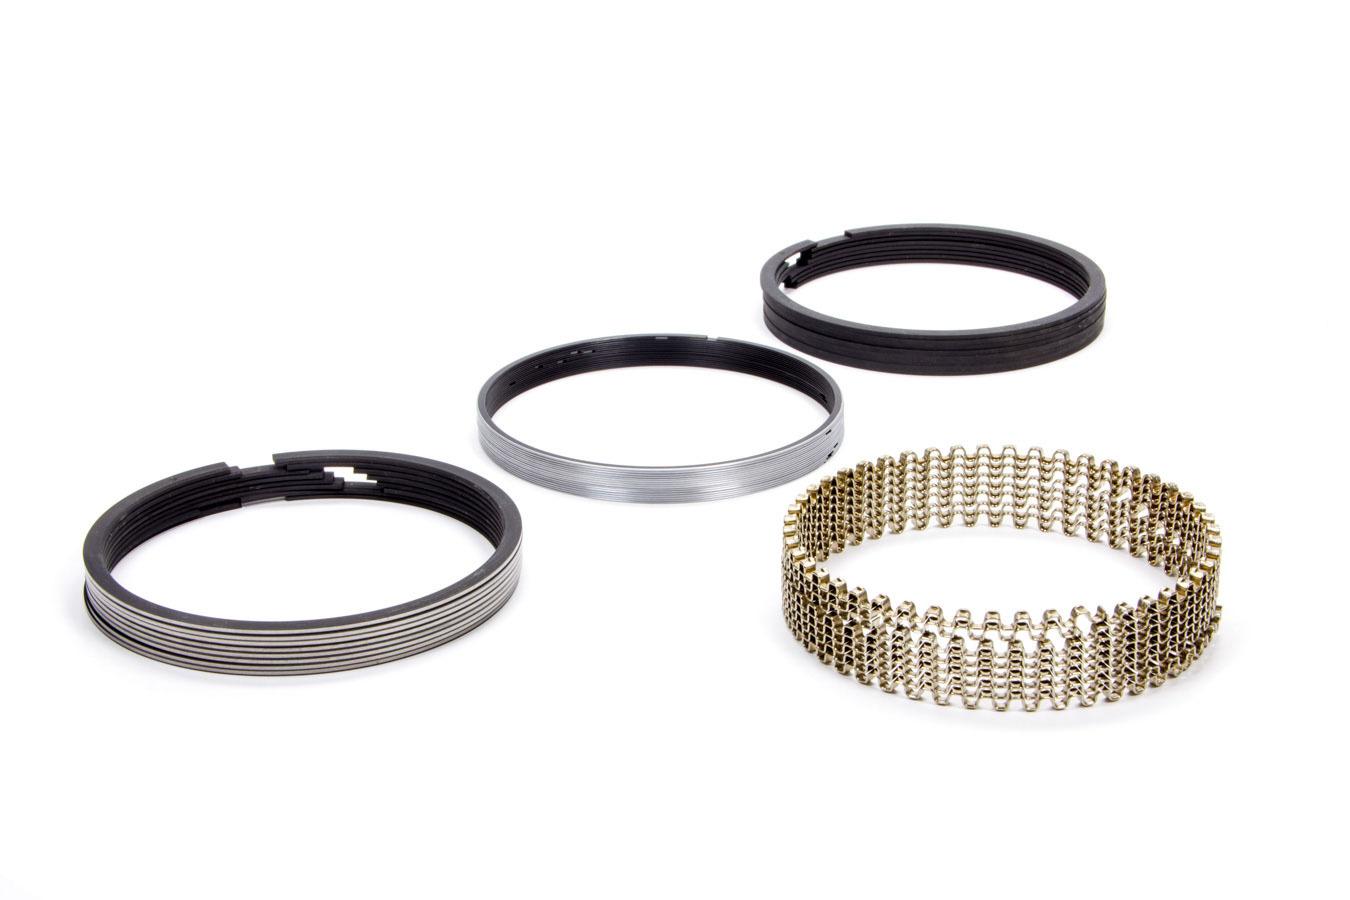 Piston Ring Set 4.165 1/16 1/16 3/16